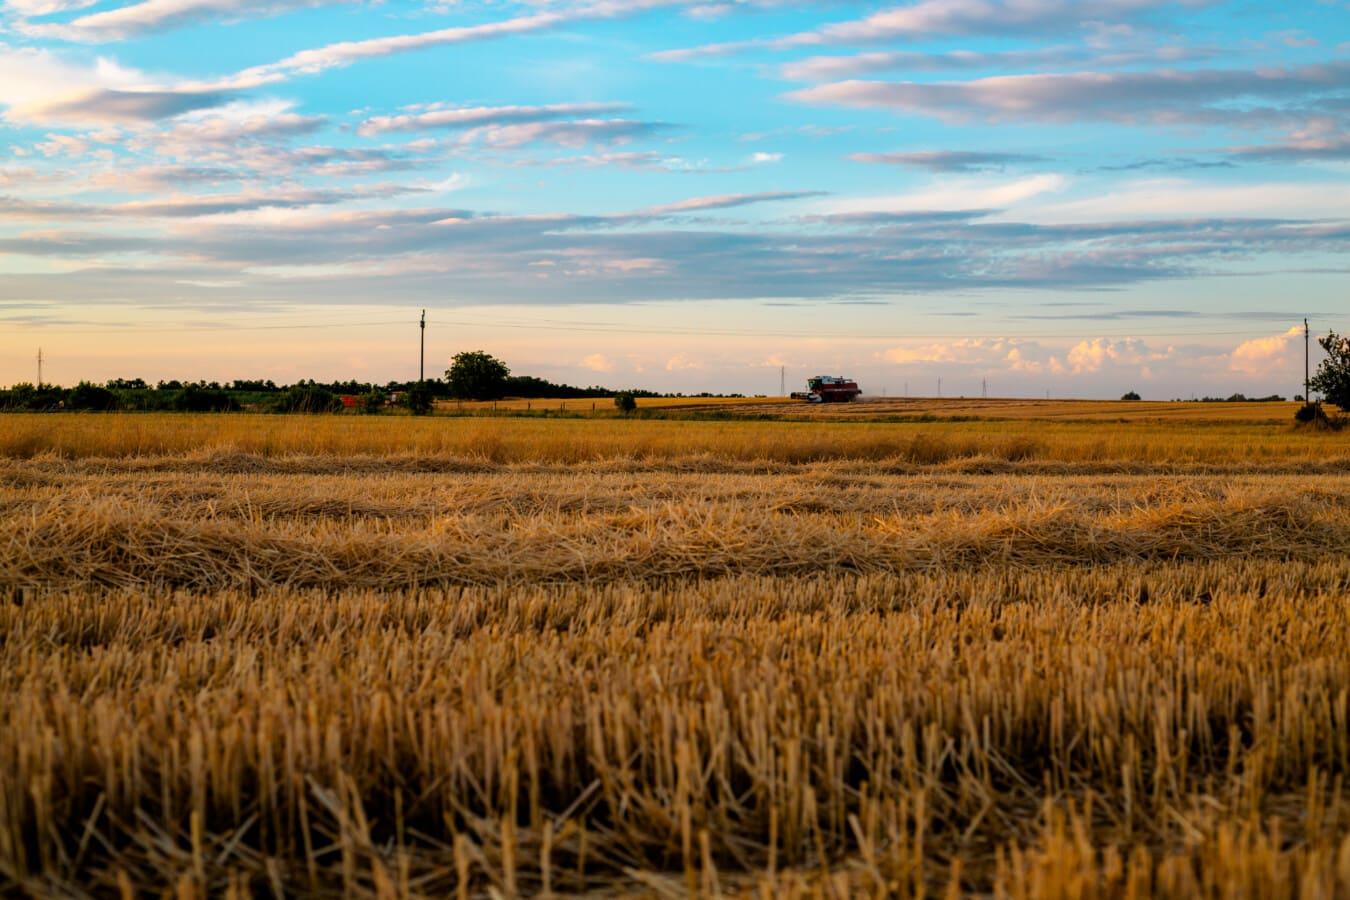 domaine, orge, harvest, Agriculture, rural, été, blé, paysage, céréale, ferme